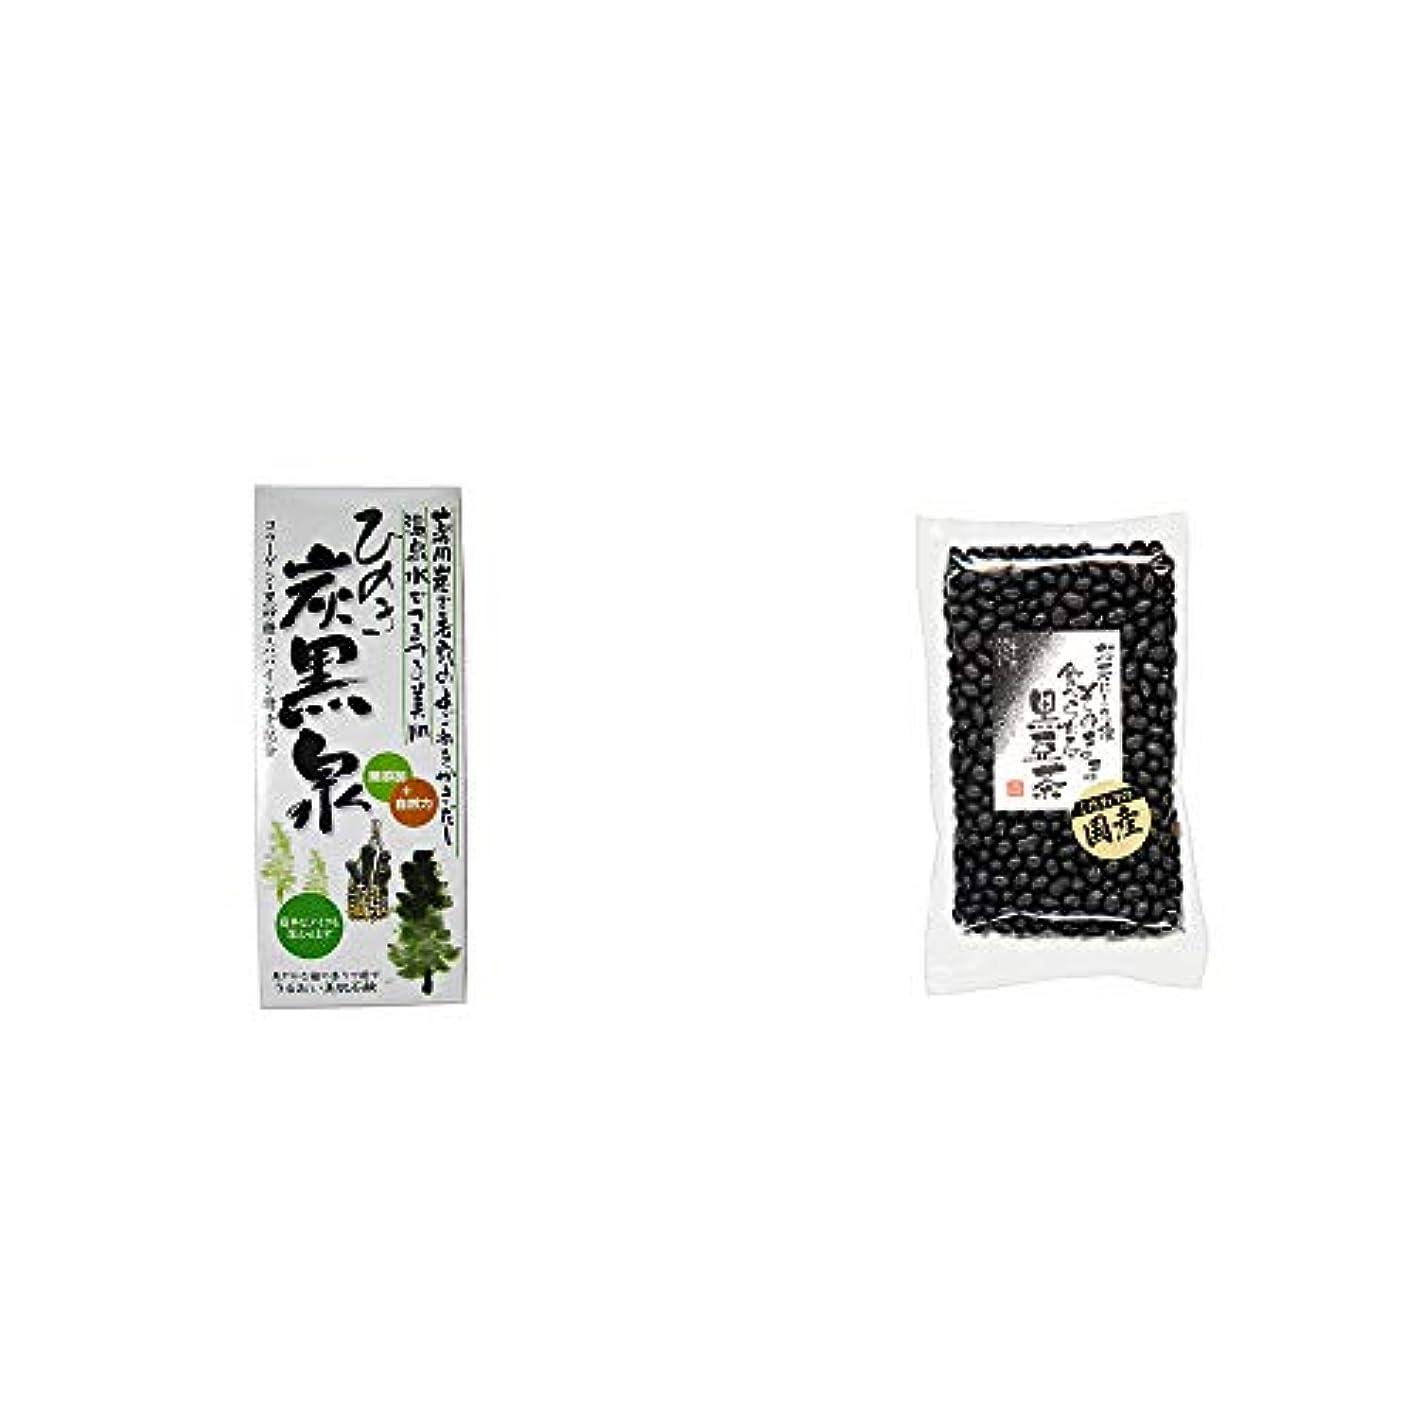 馬鹿支給今[2点セット] ひのき炭黒泉 箱入り(75g×3)?国産 黒豆茶(200g)